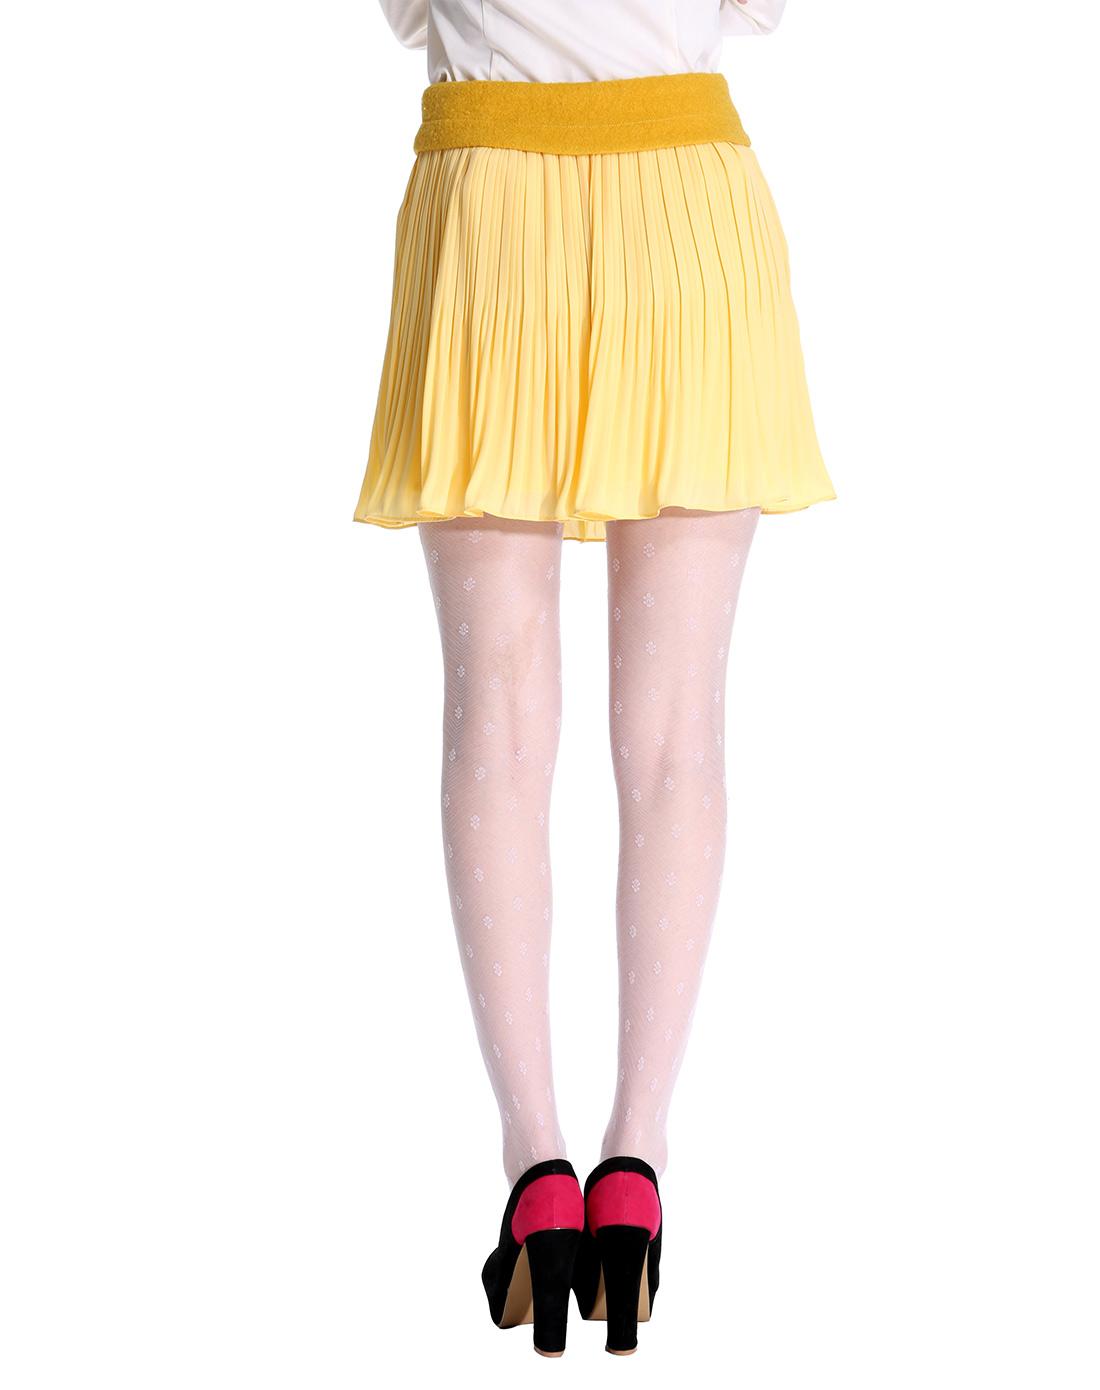 女装图标素材黄色